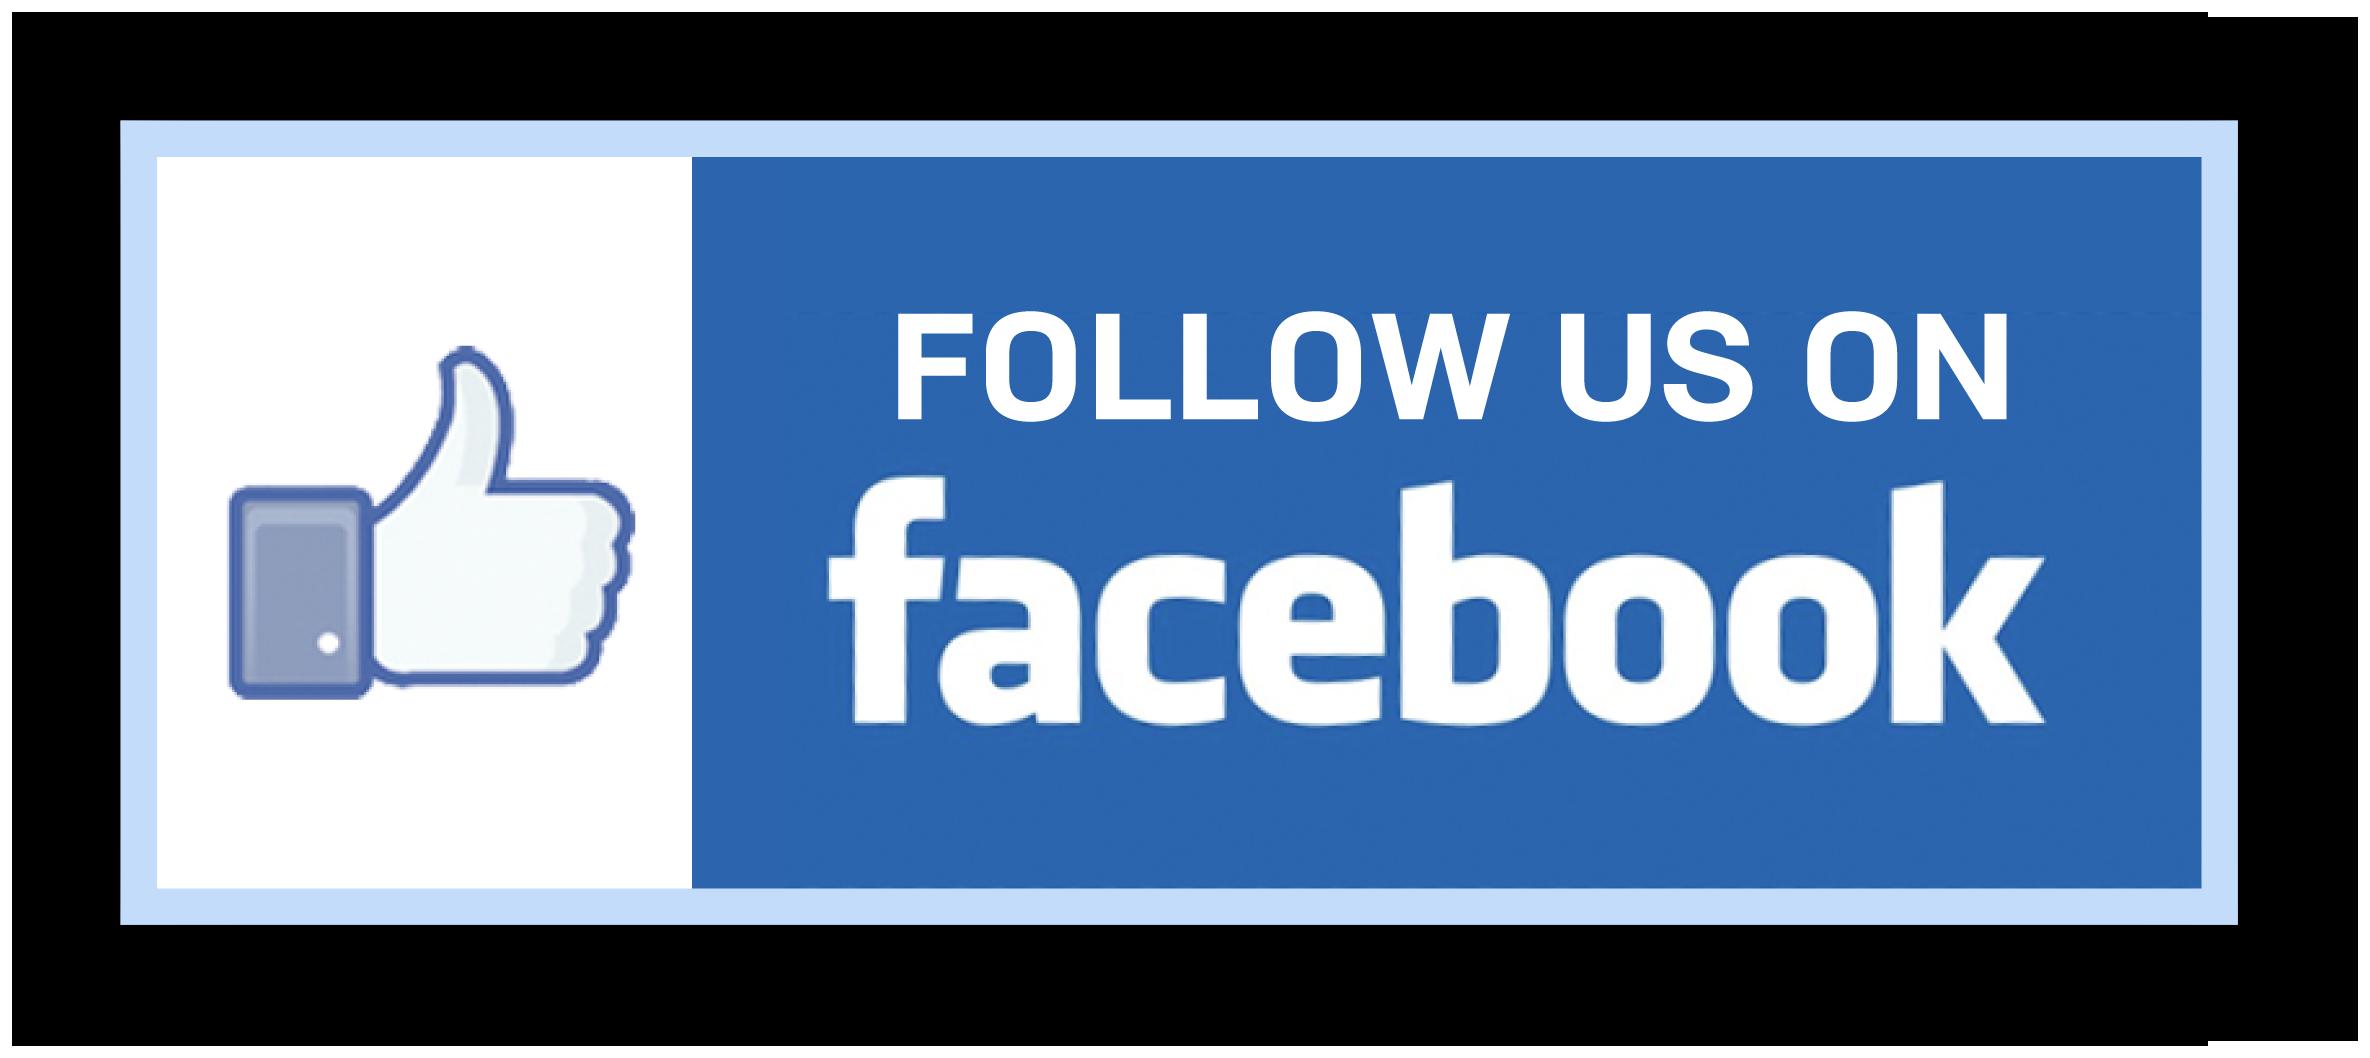 follow-us-on-facebook